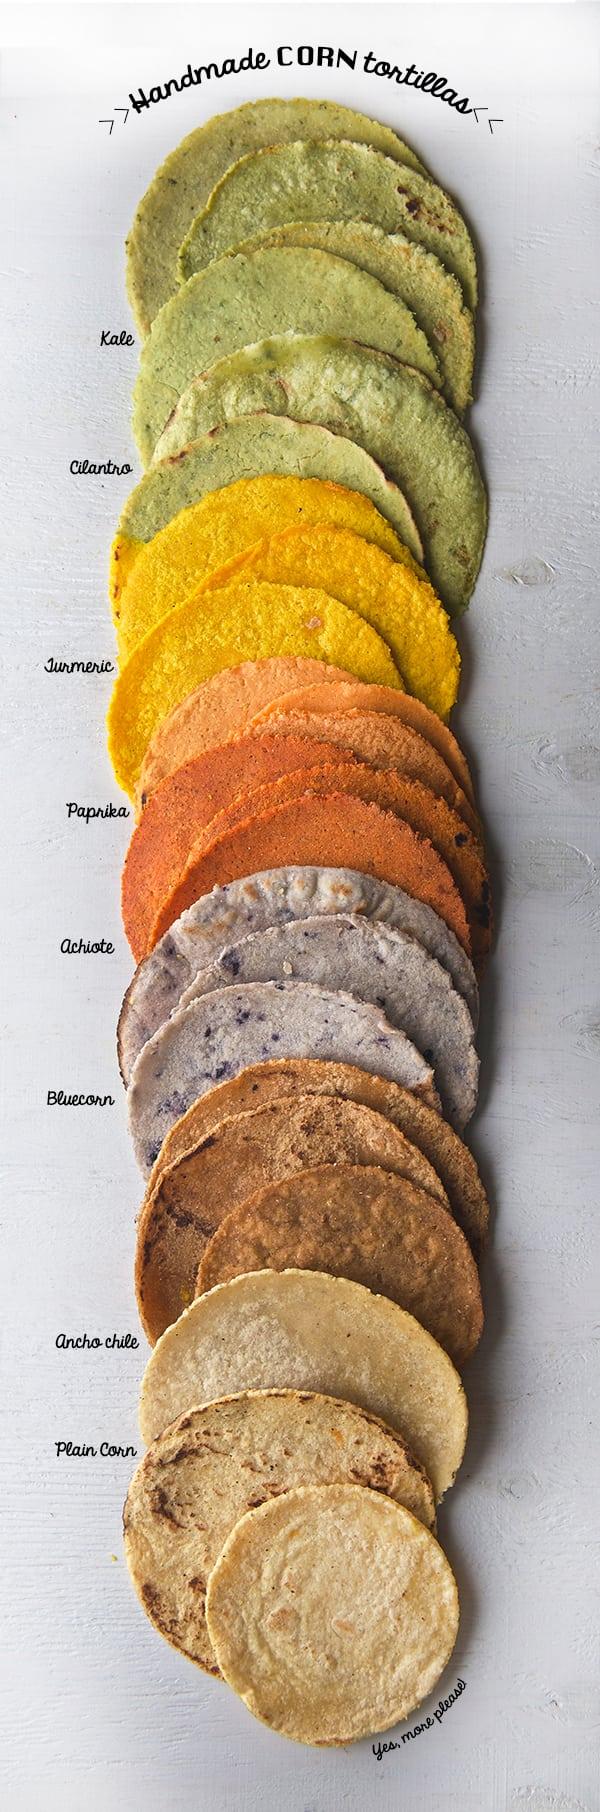 How To Make Corn Tortillas Recipe — Dishmaps